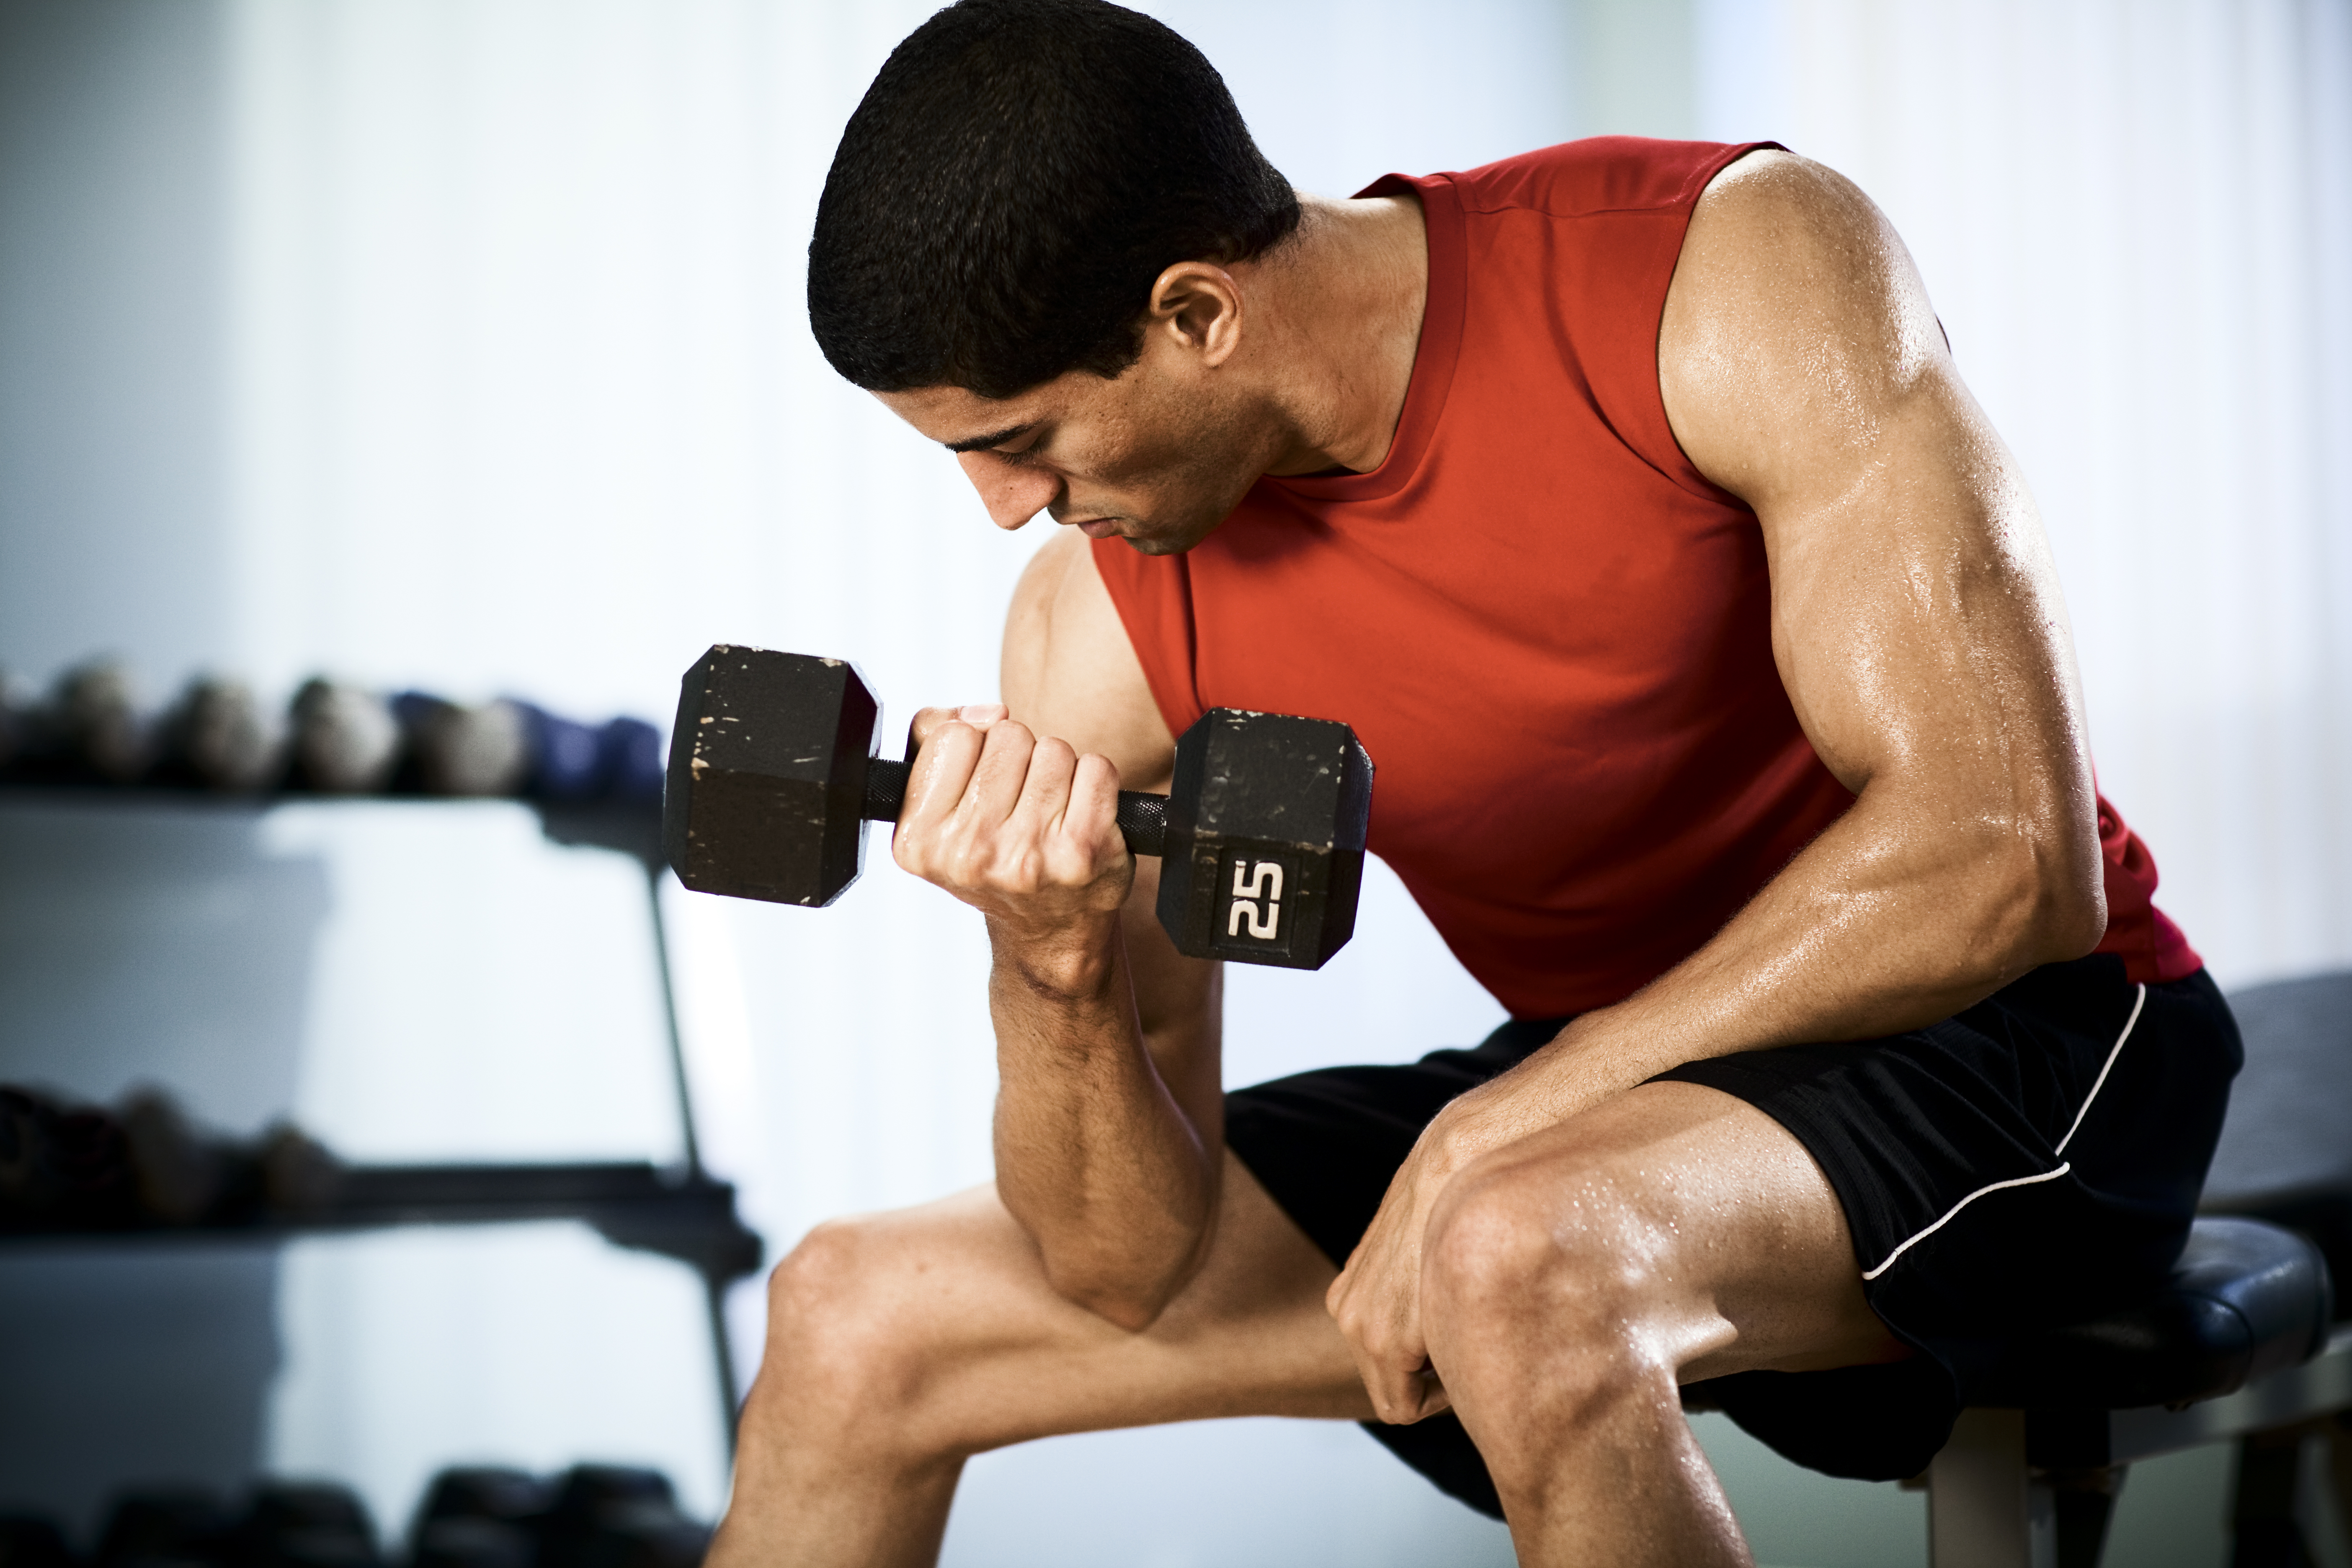 является весьма упражнения для накачки мышечной массы фото что вызывает